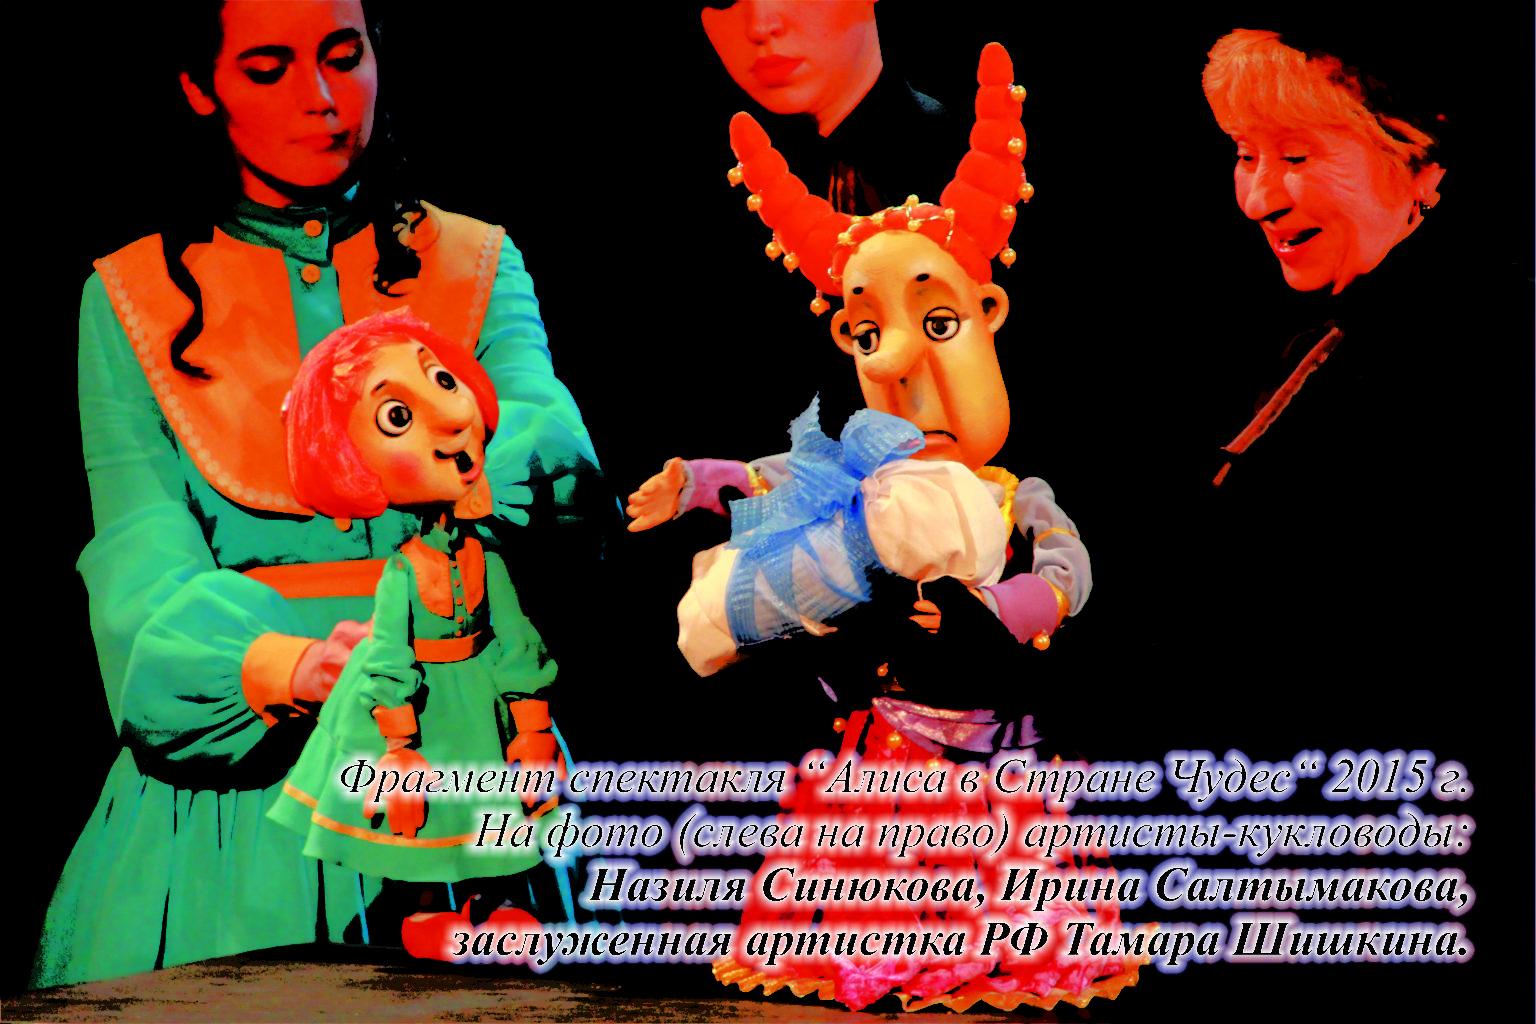 Н. Синюкова, И. Салтымакова, Т. Шишкина (спектакль «Алиса в Стране Чудес», 2015 г.): фотография